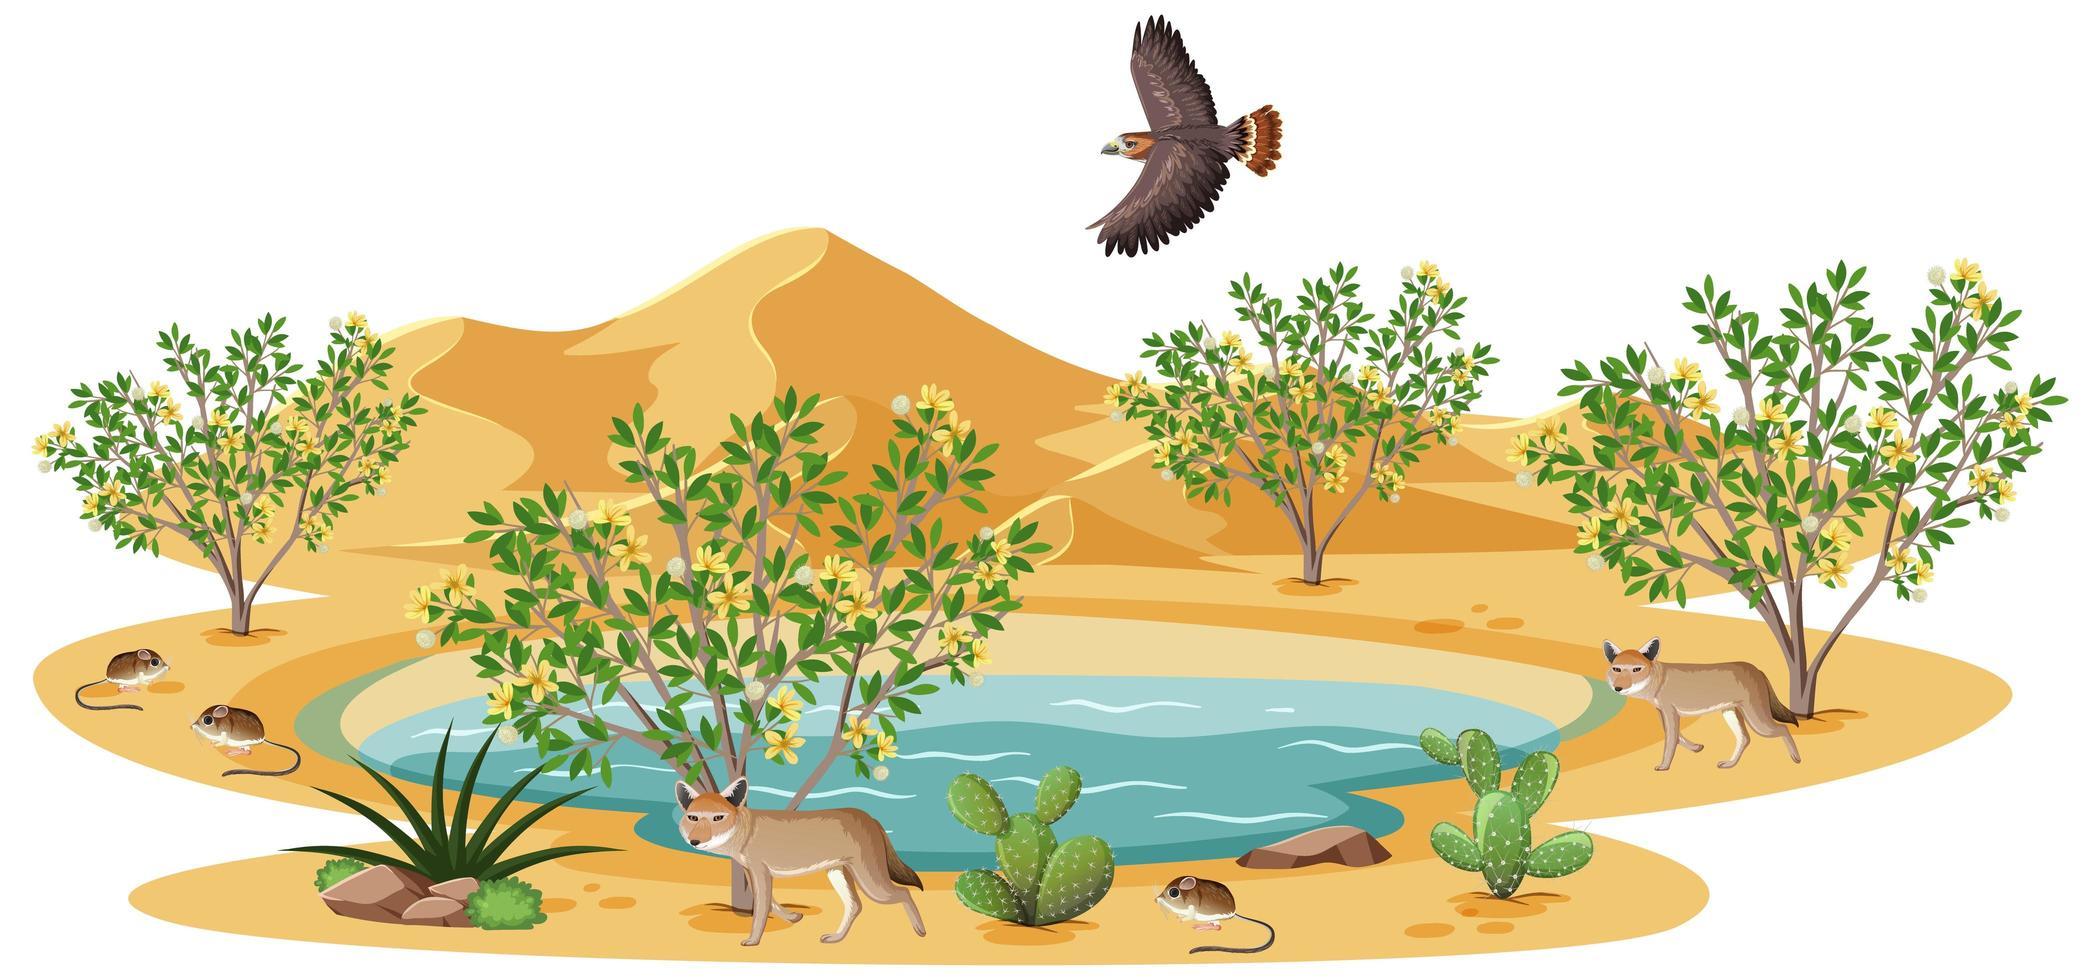 creosoot bush plant in wilde woestijn met vogel vector